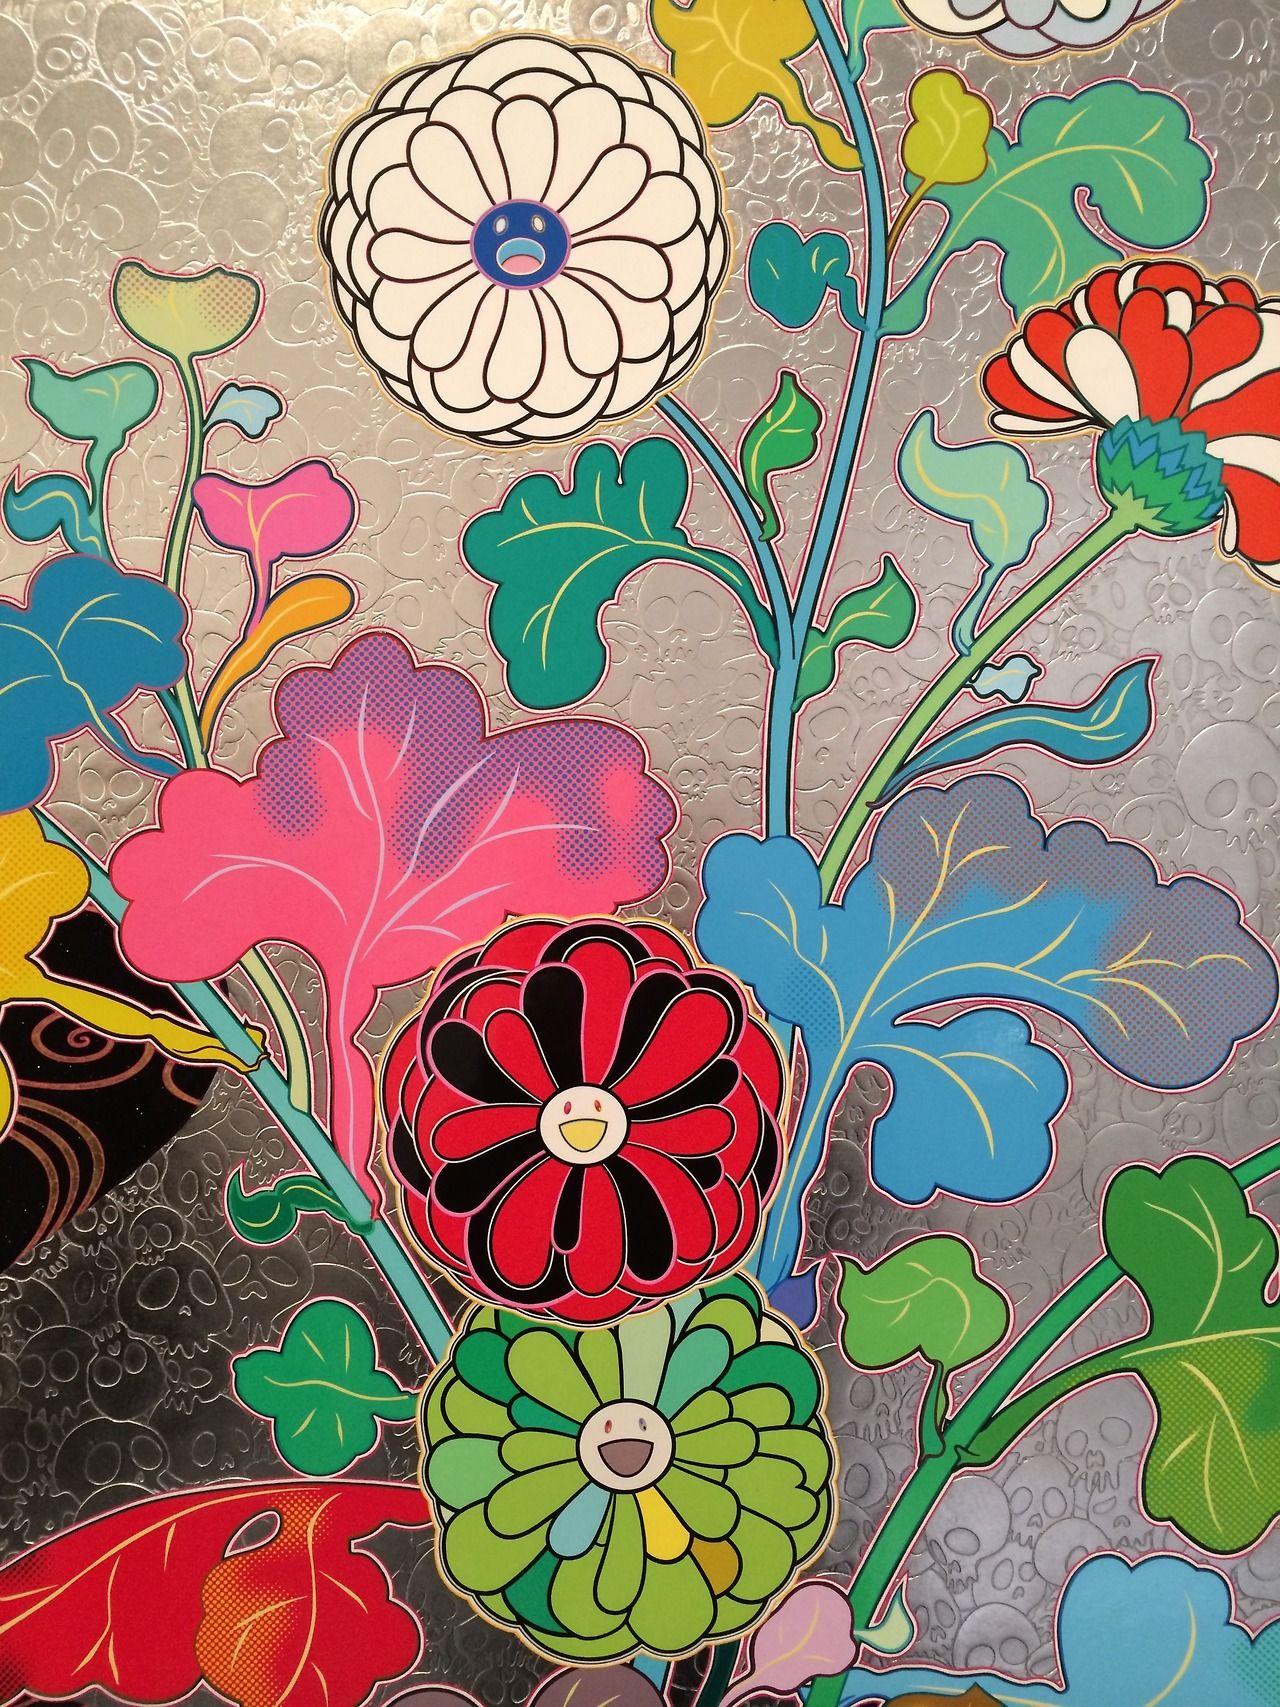 Takashi Murakami at Gagosian Takashi murakami art